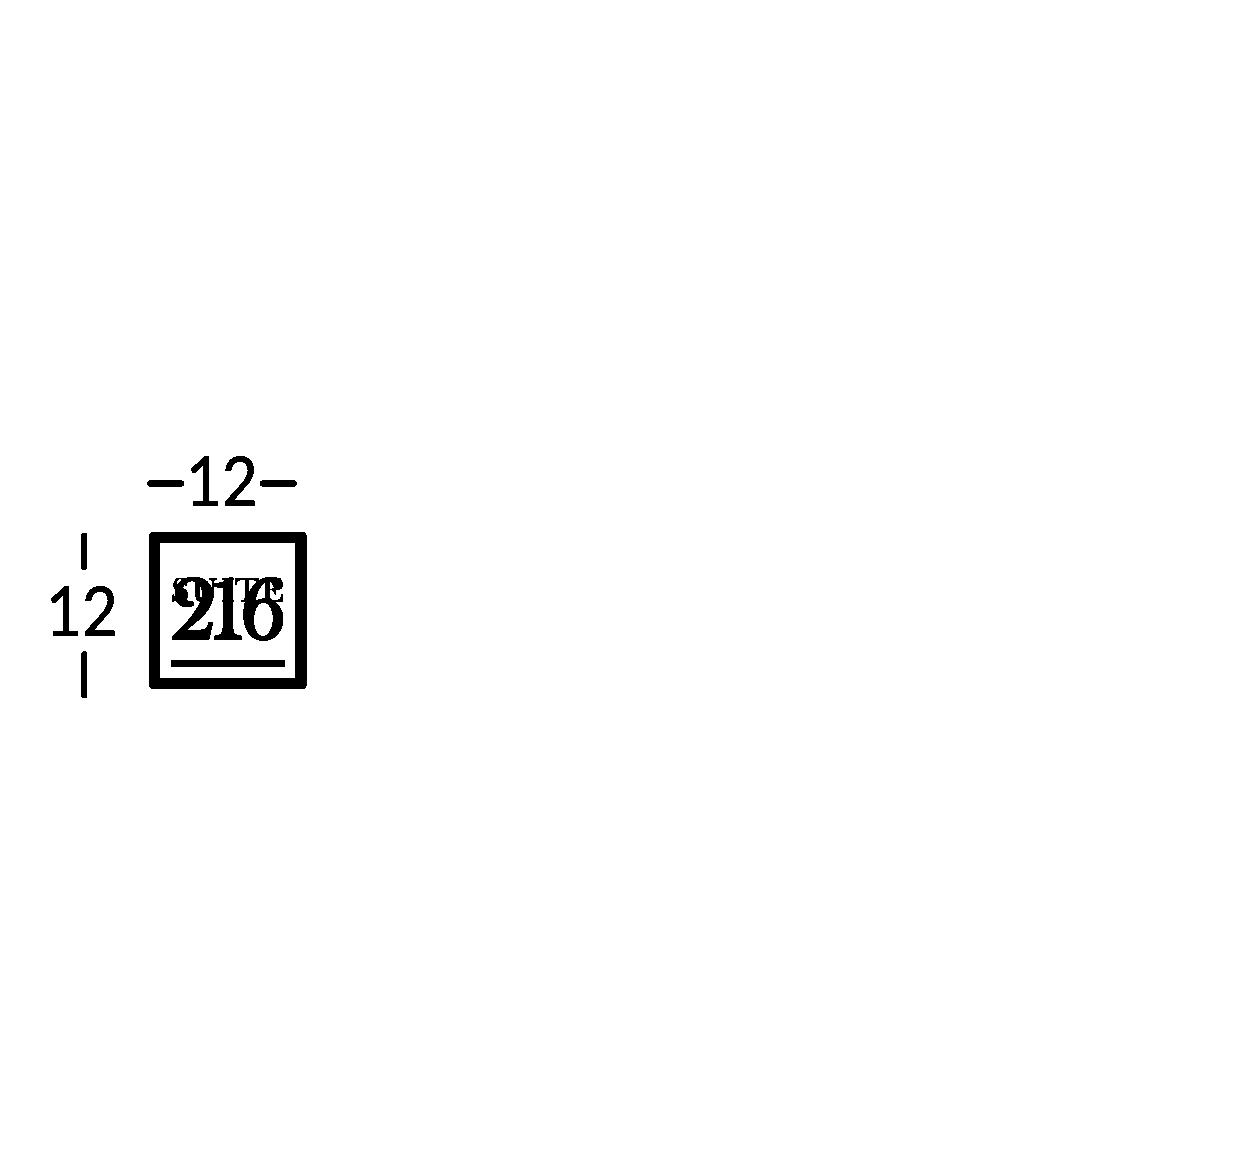 Línea de señalización de latón envejecido oscuro, con letras grabadas en latón natural.